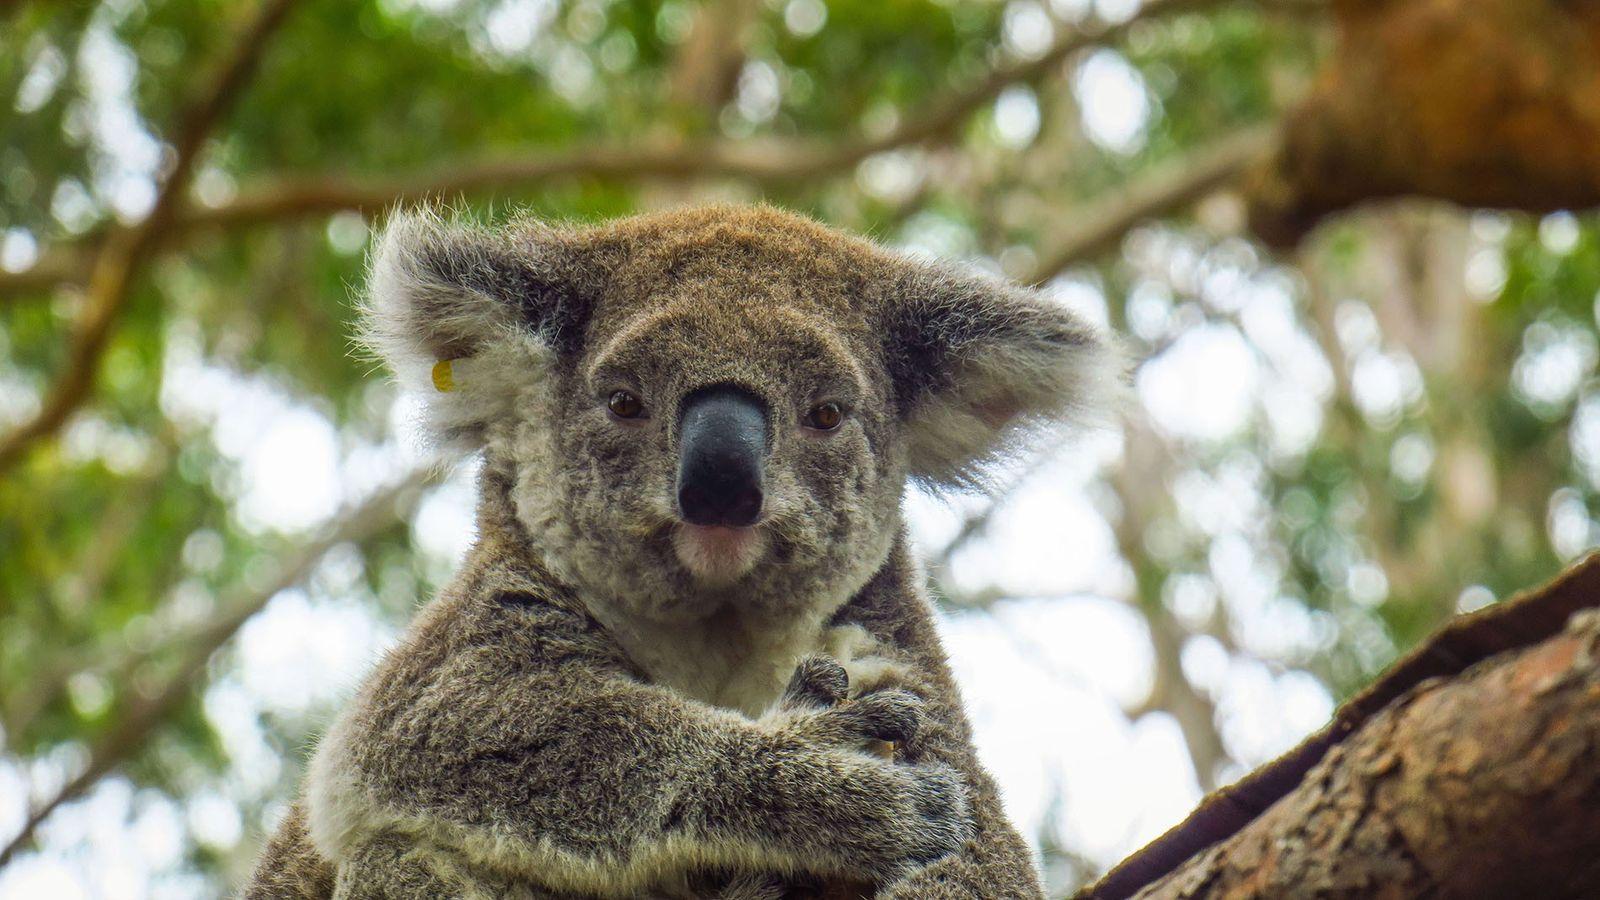 Koala at Port Macquarie